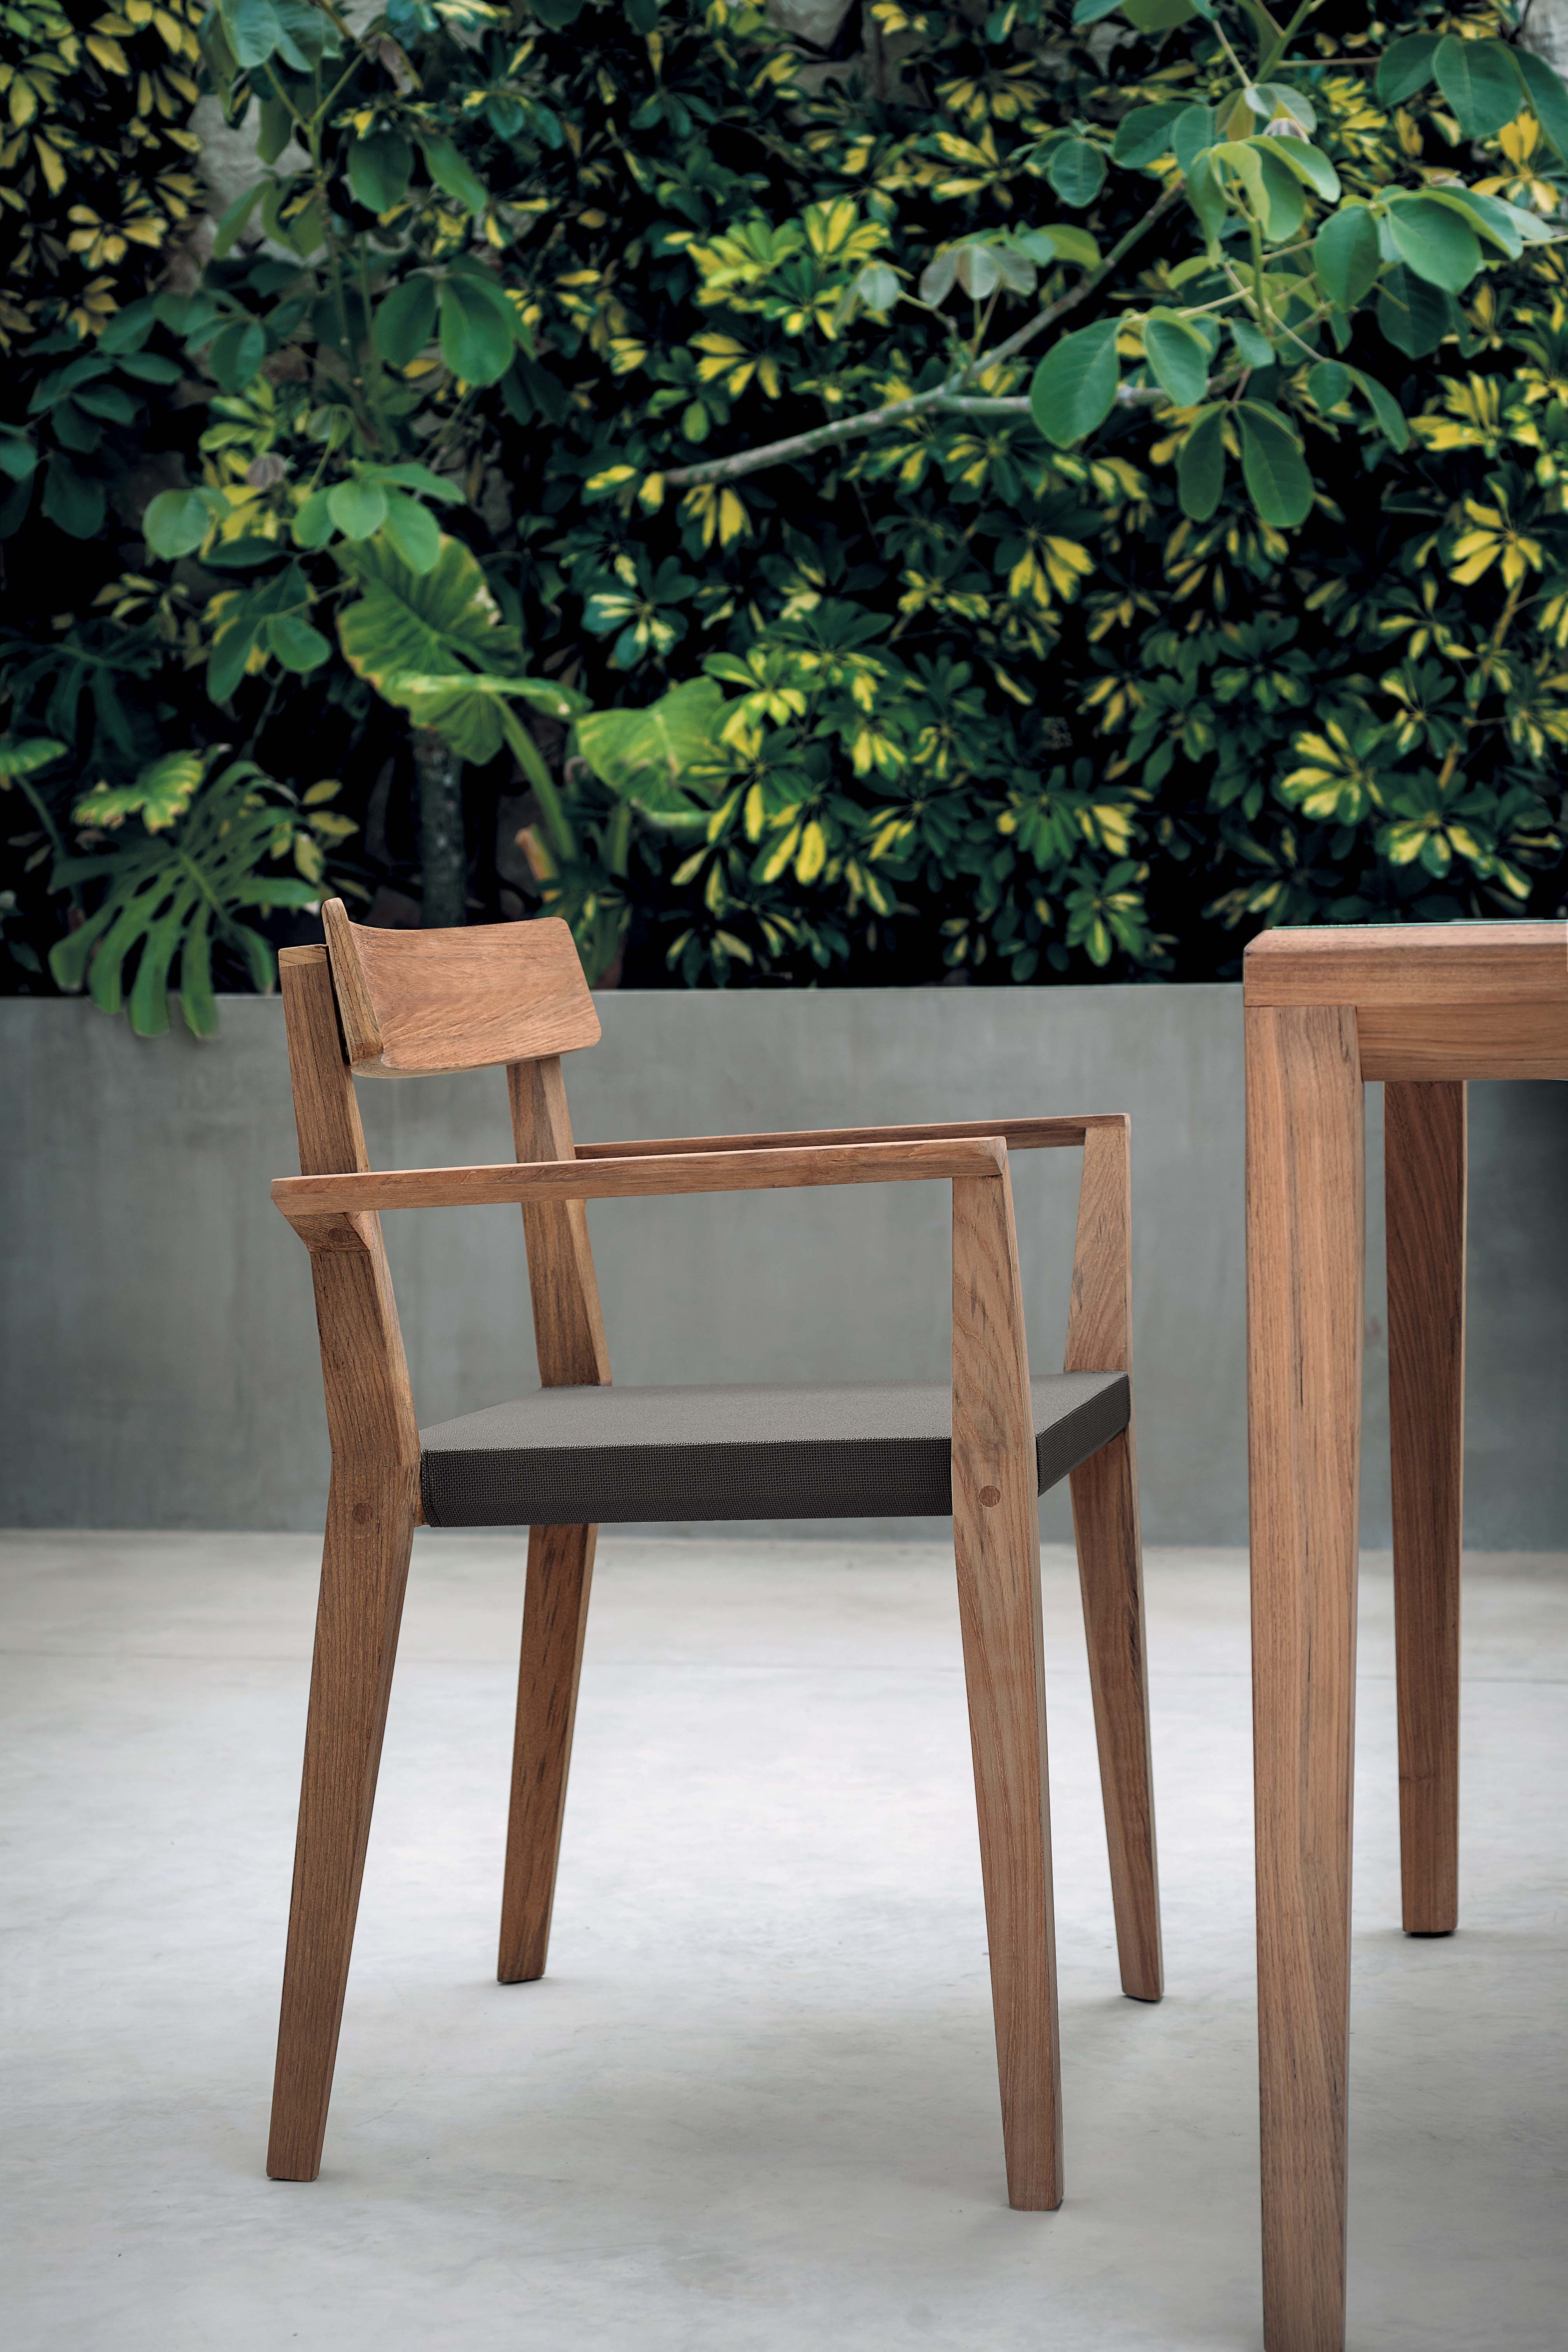 Le Designer Gordon Guillaumier A Pensé La Collection Teka Dont Chaise Est Tout à Fait Magnifique Avec Ses Lignes Pures Et étudiées